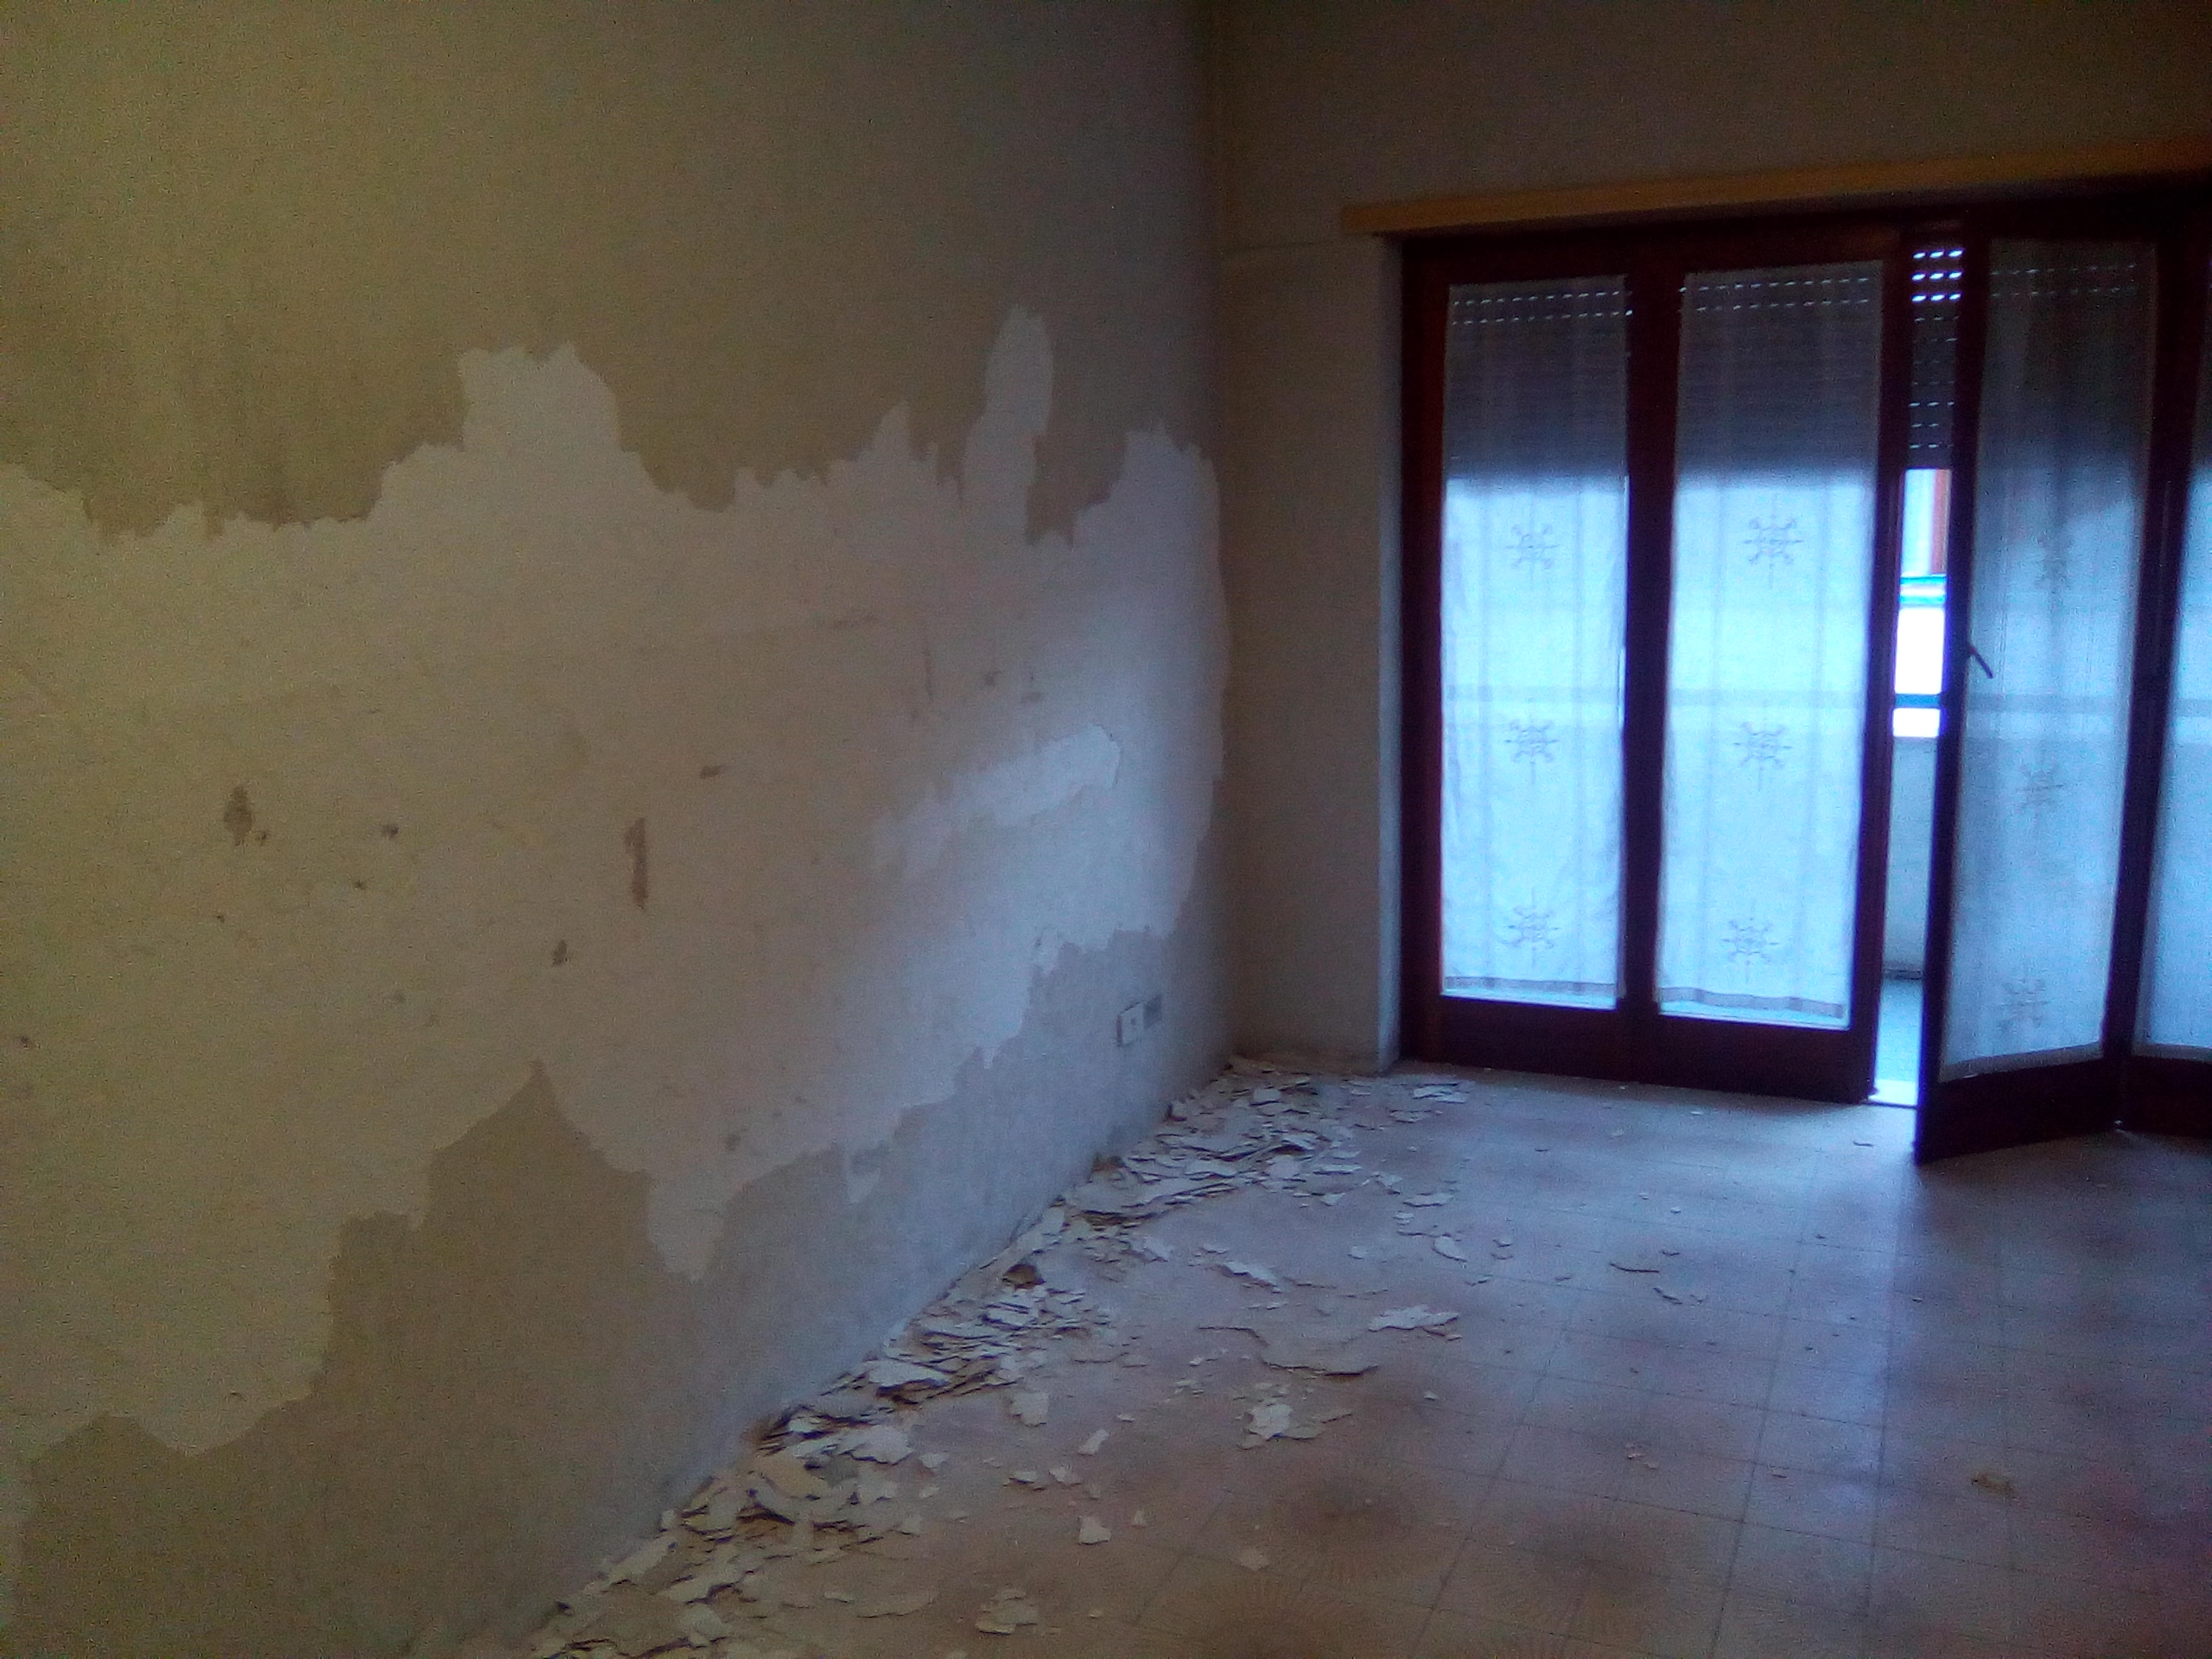 Quanto costa ristrutturare una casa vecchia a roma - Costo medio ristrutturazione bagno ...